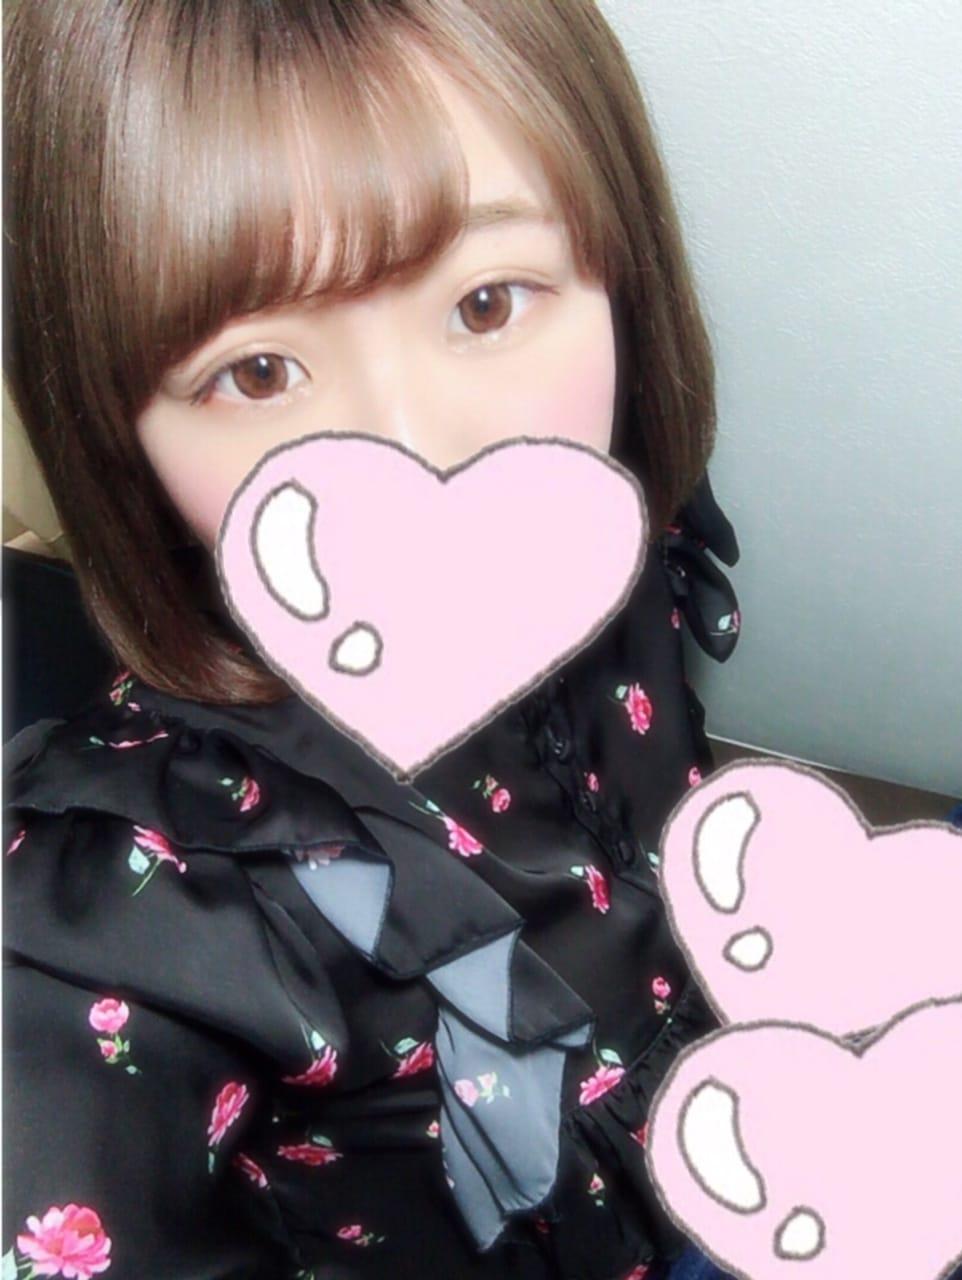 「みりあです」03/09(03/09) 19:22 | みりあちゃんの写メ・風俗動画